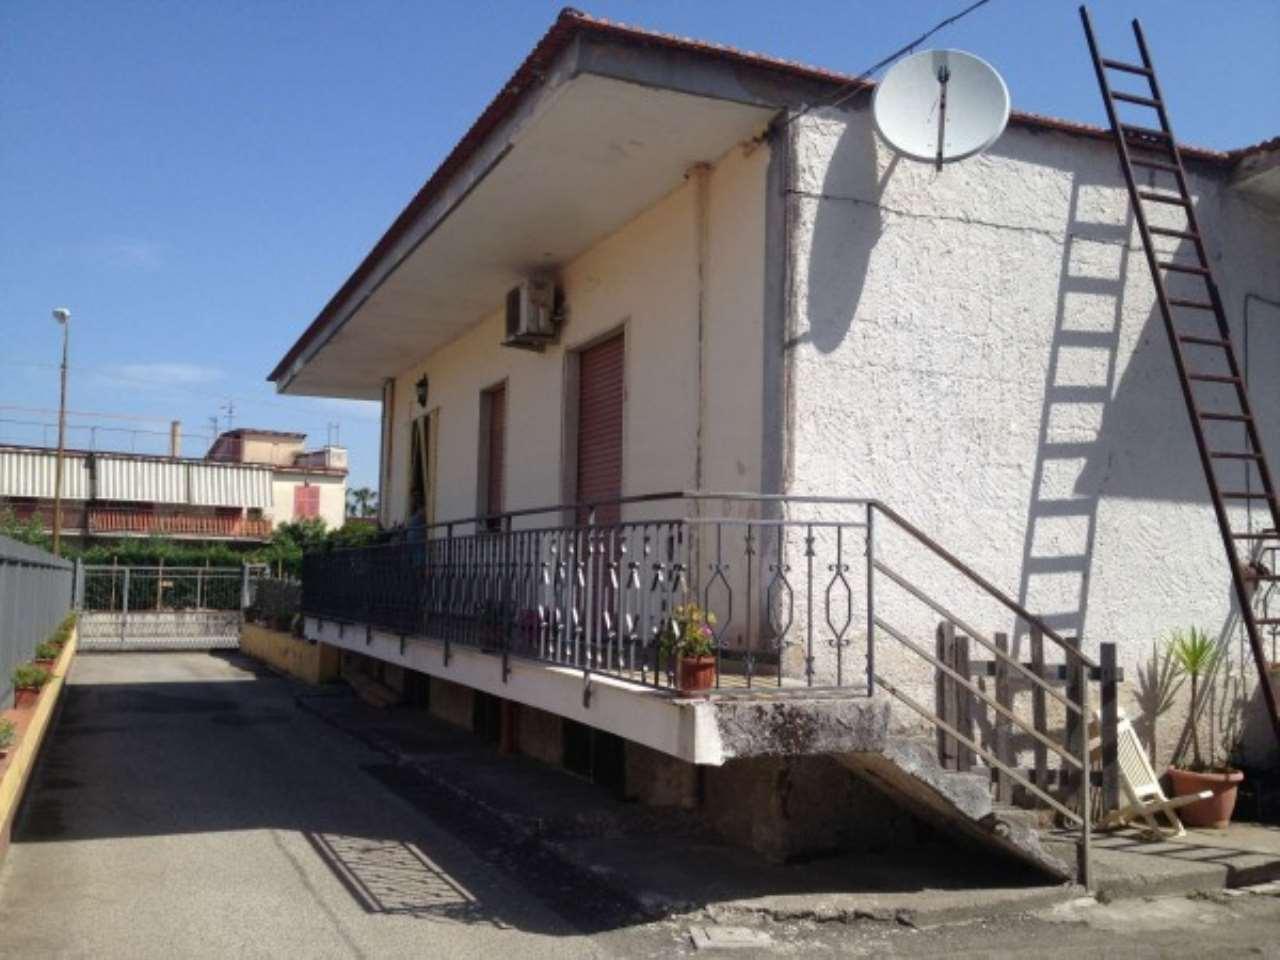 Soluzione Indipendente in vendita a Nola, 5 locali, prezzo € 250.000 | CambioCasa.it